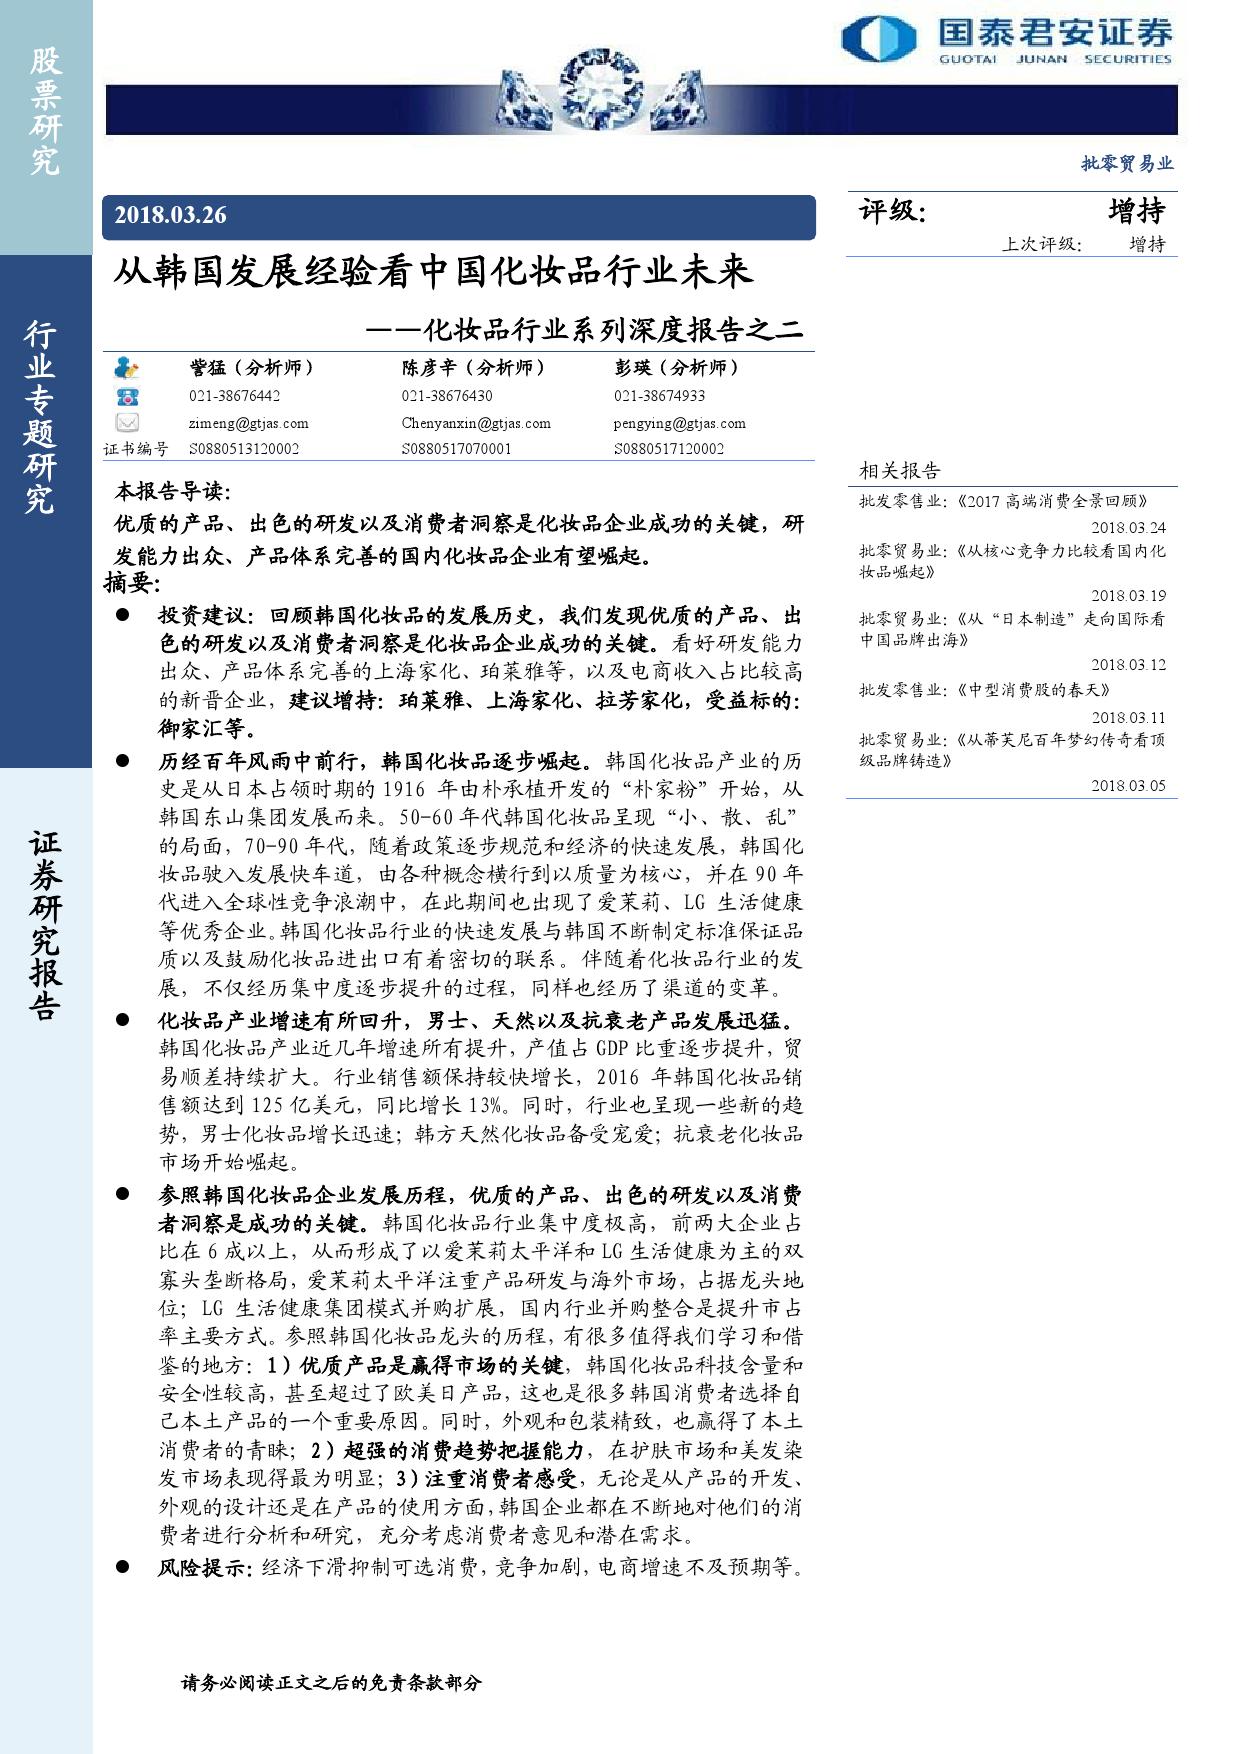 国泰君安证券:从韩国发展经验看中国化妆品未来(附下载)